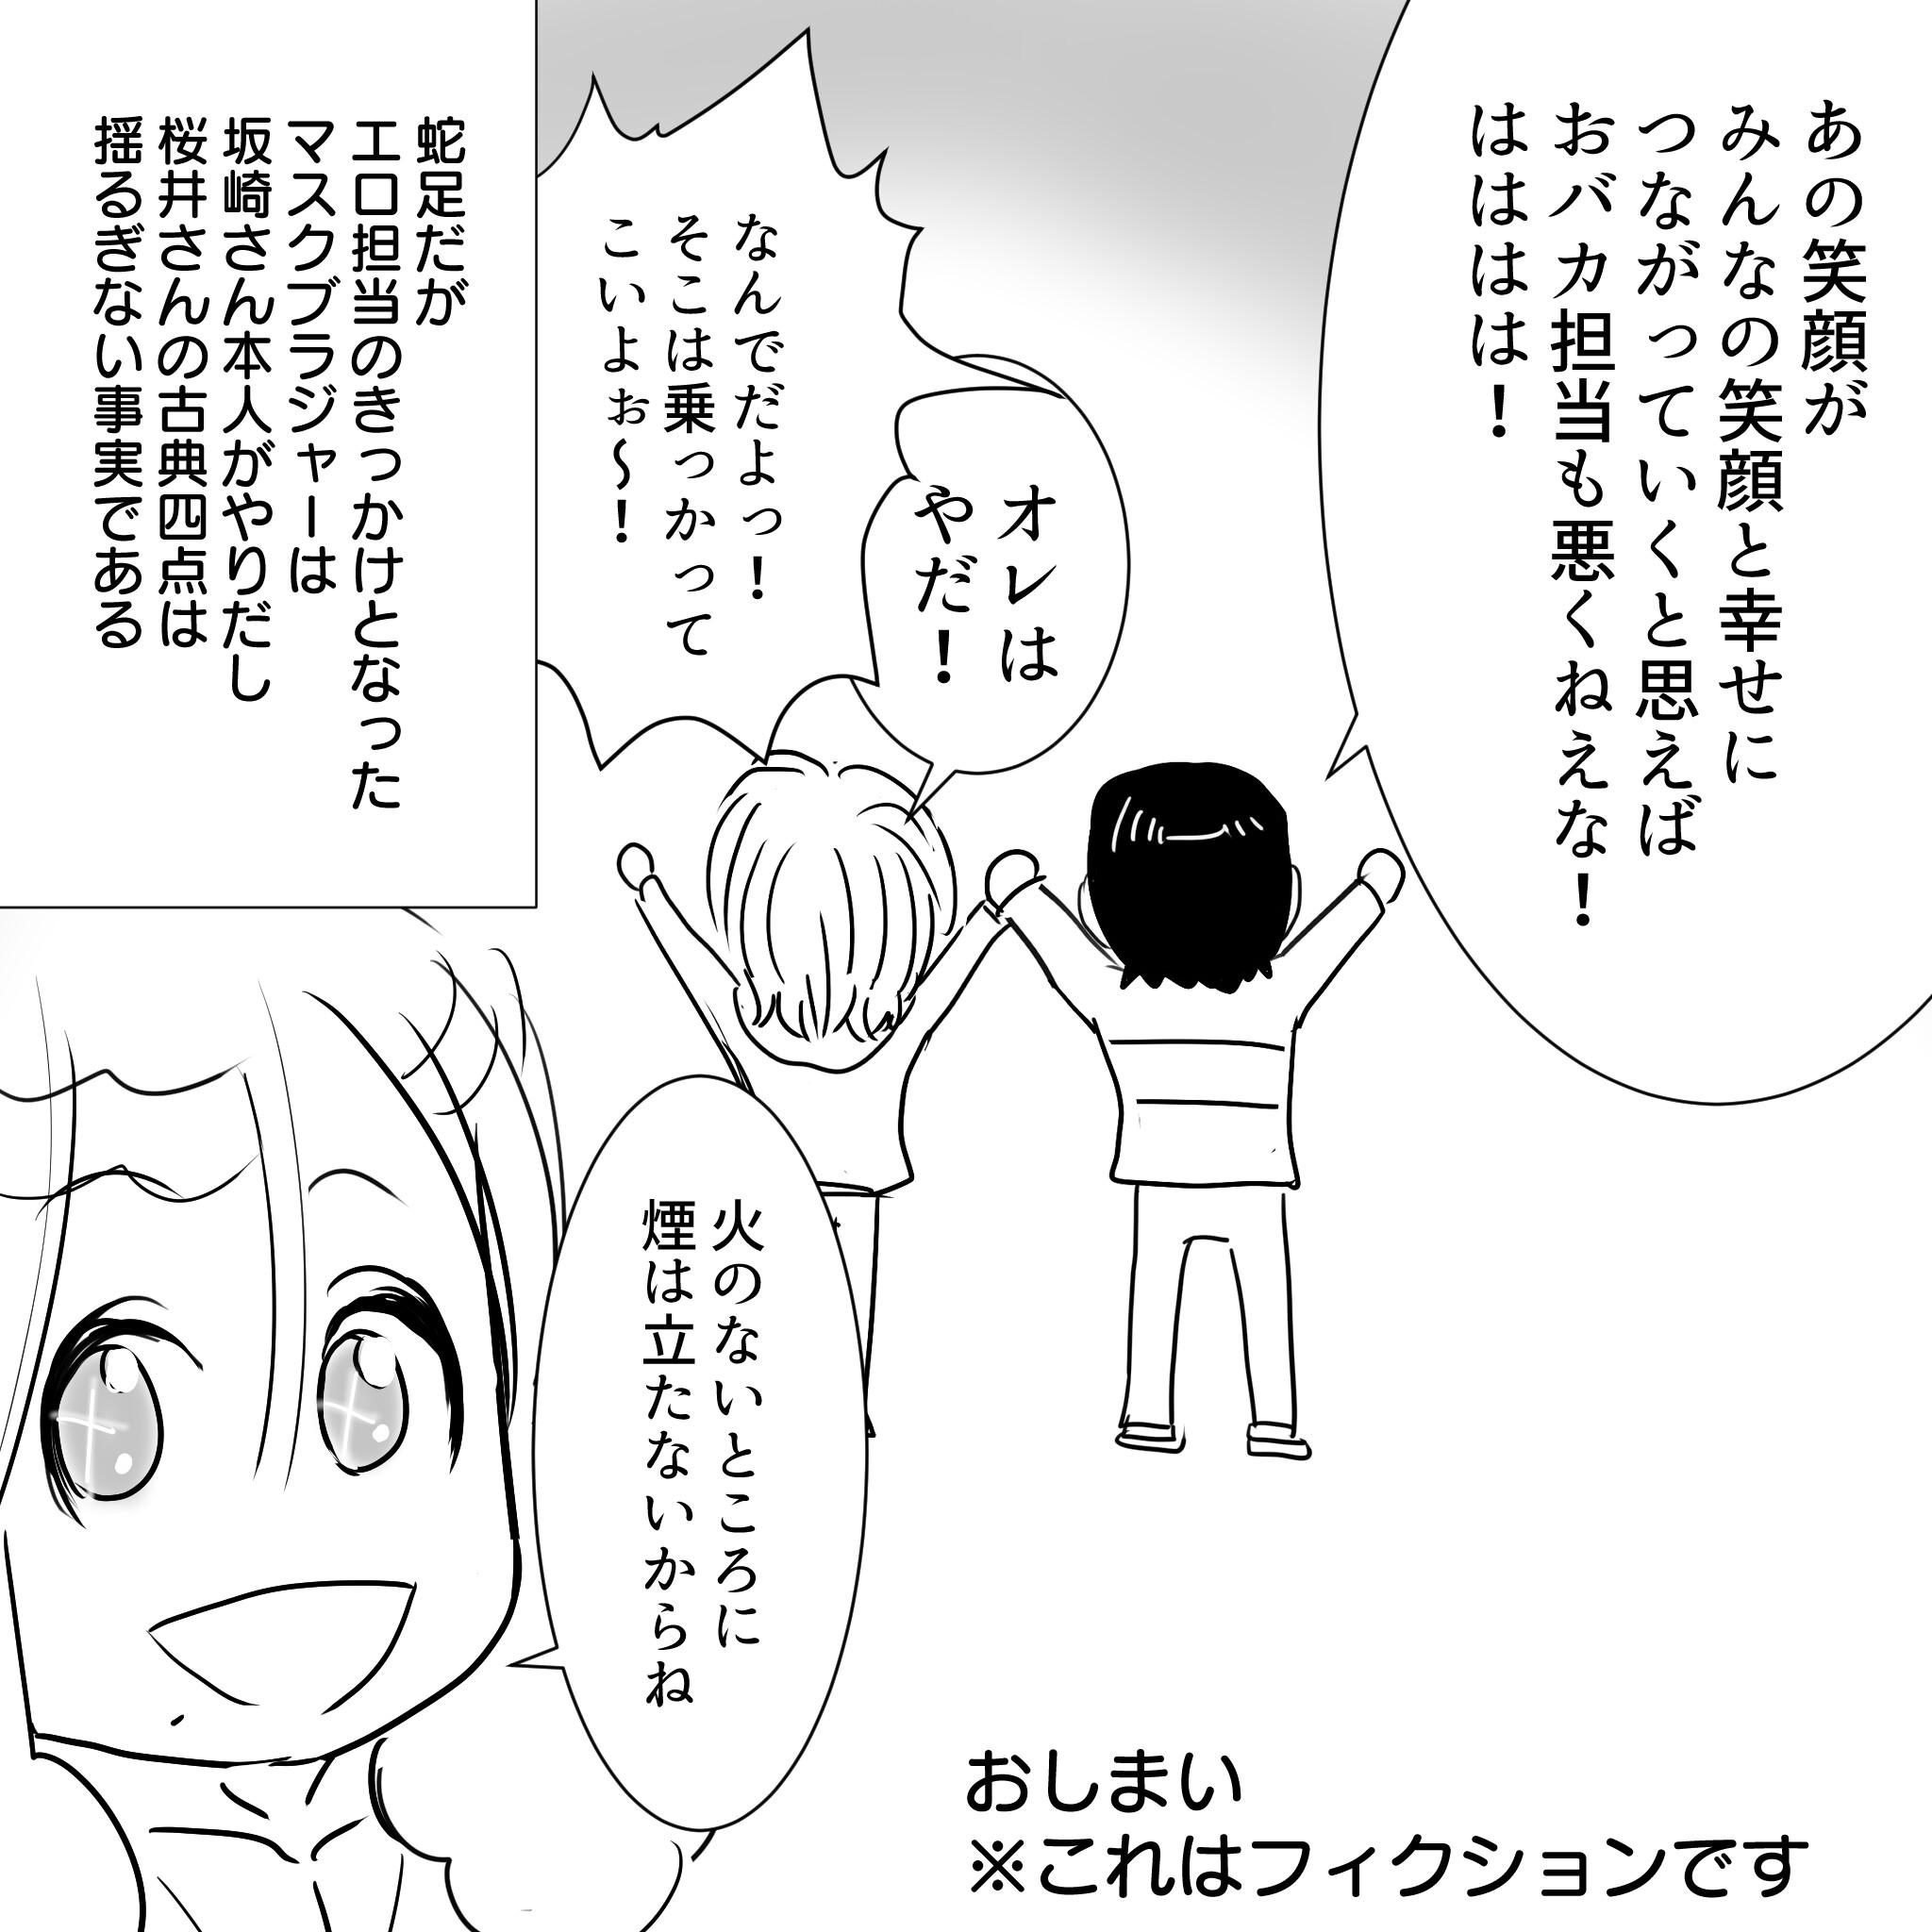 きんかんたまたま坂崎5